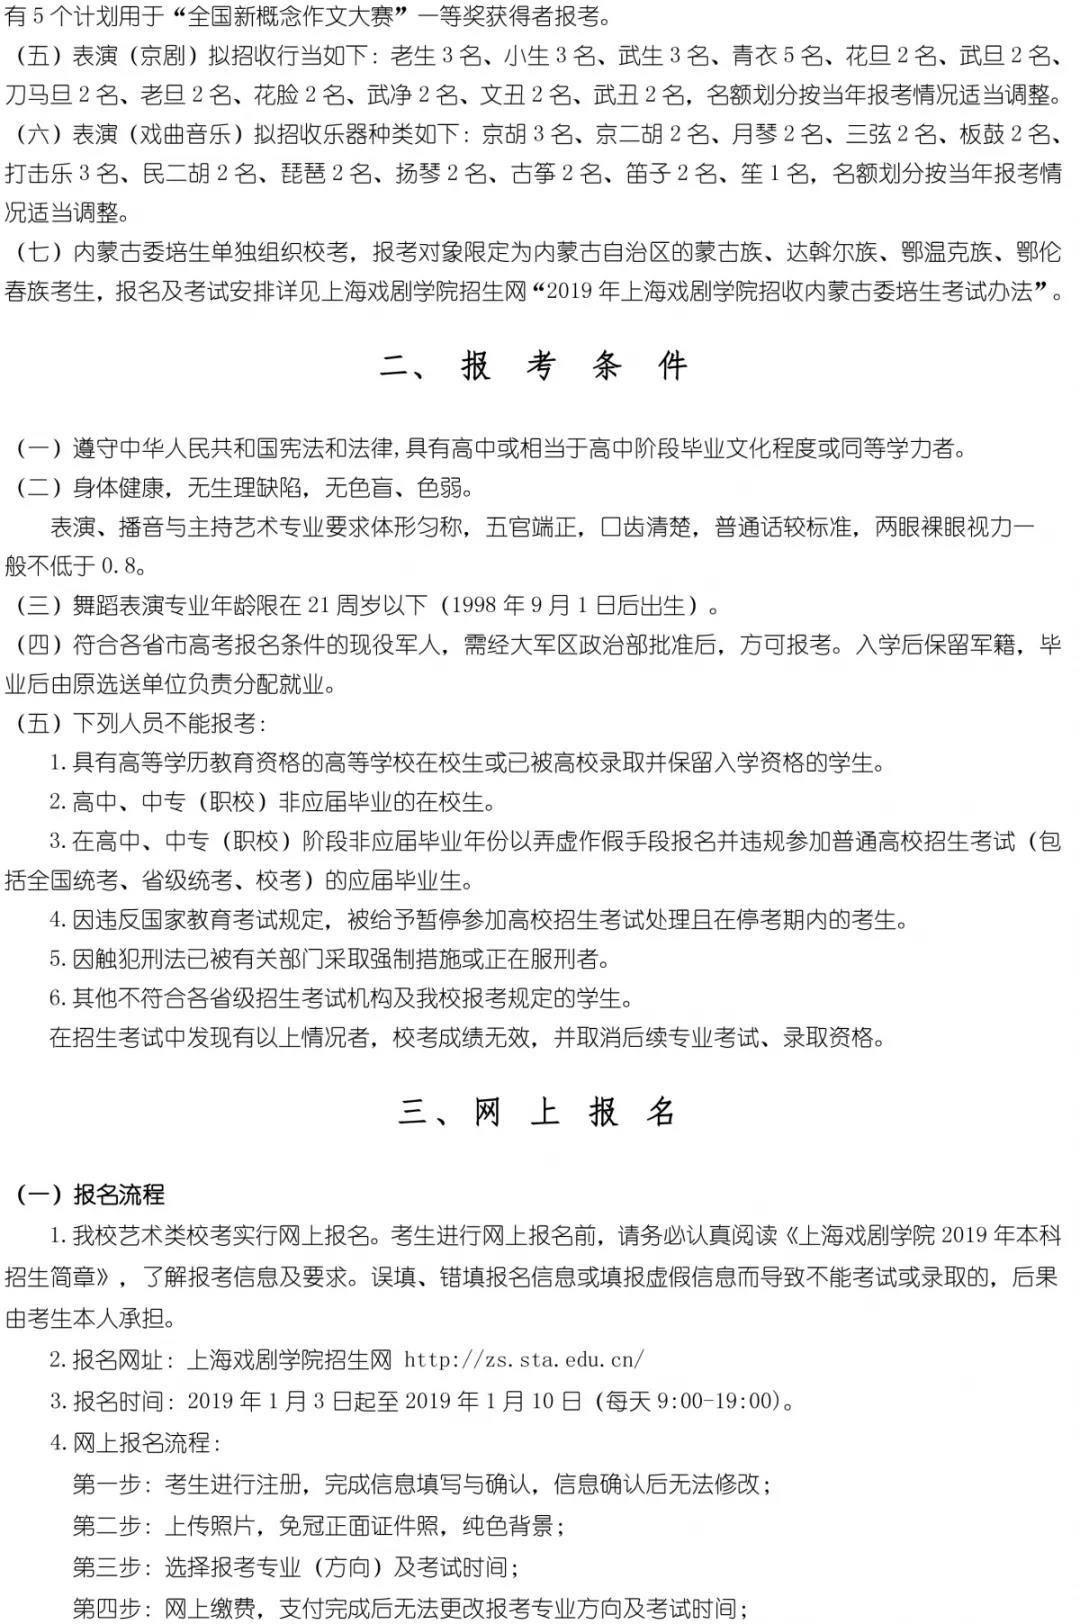 上海戏剧学院2019招生简章2